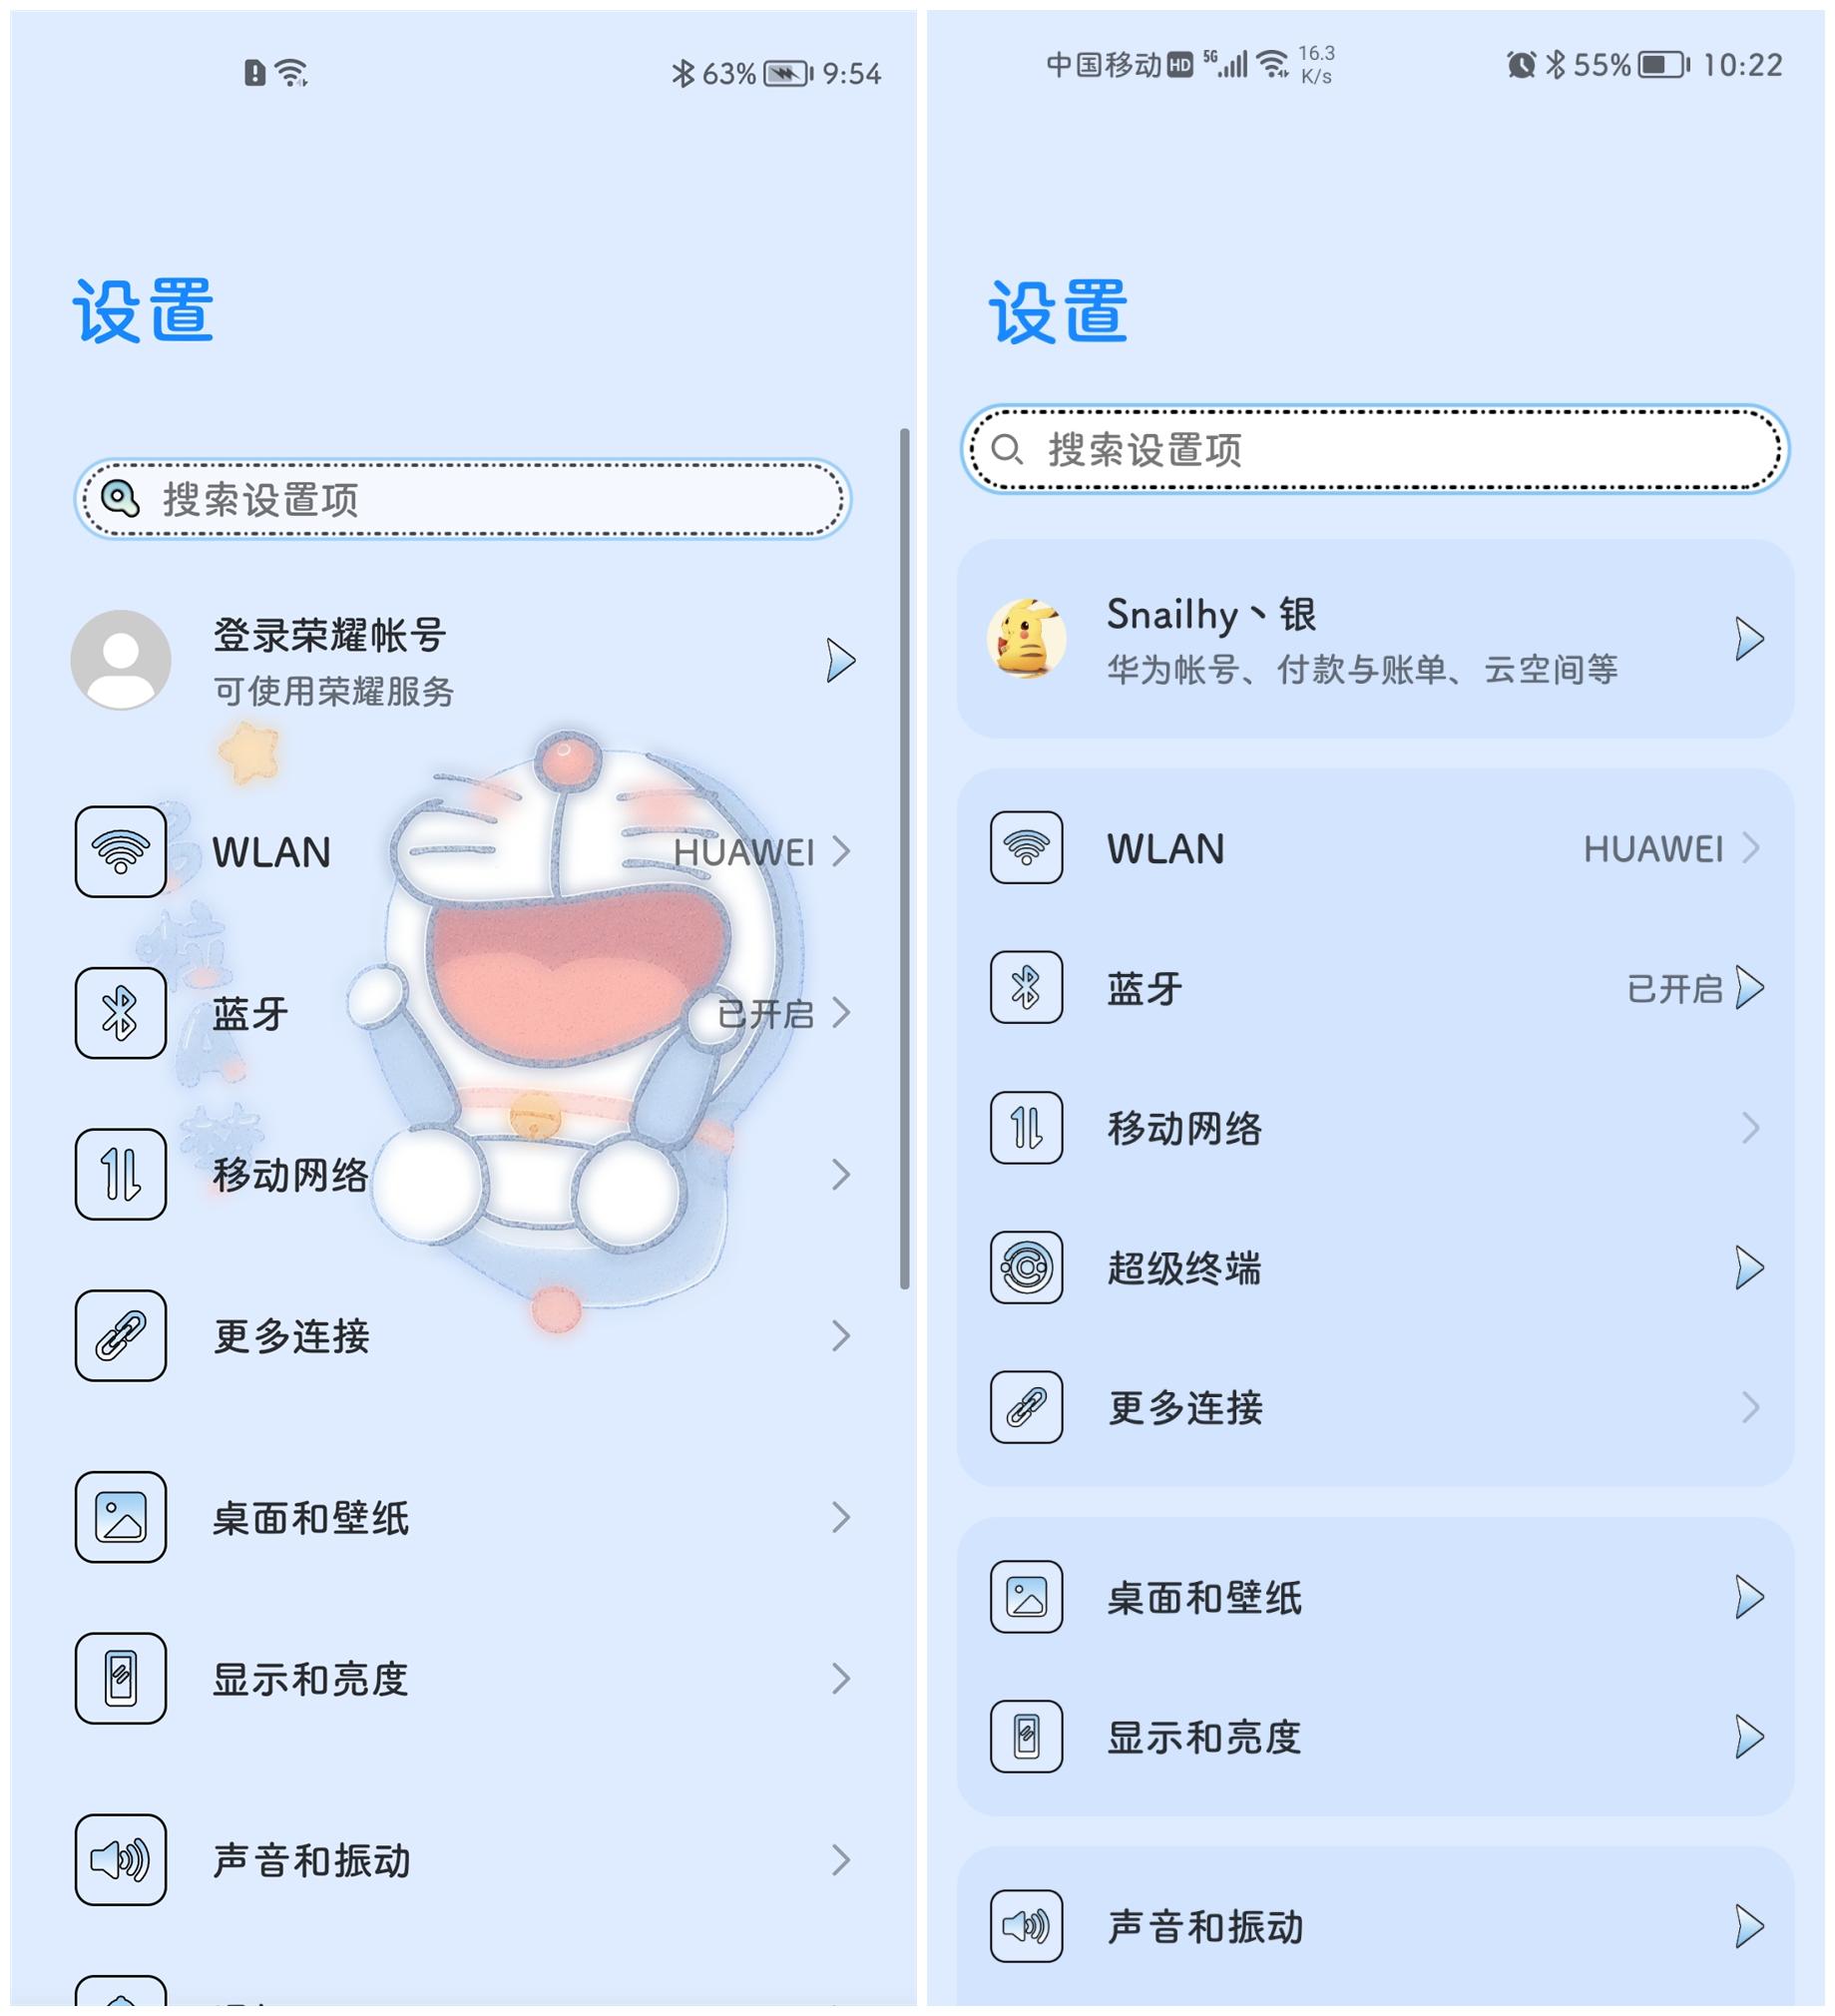 Screenshot_20210826_095414.jpg